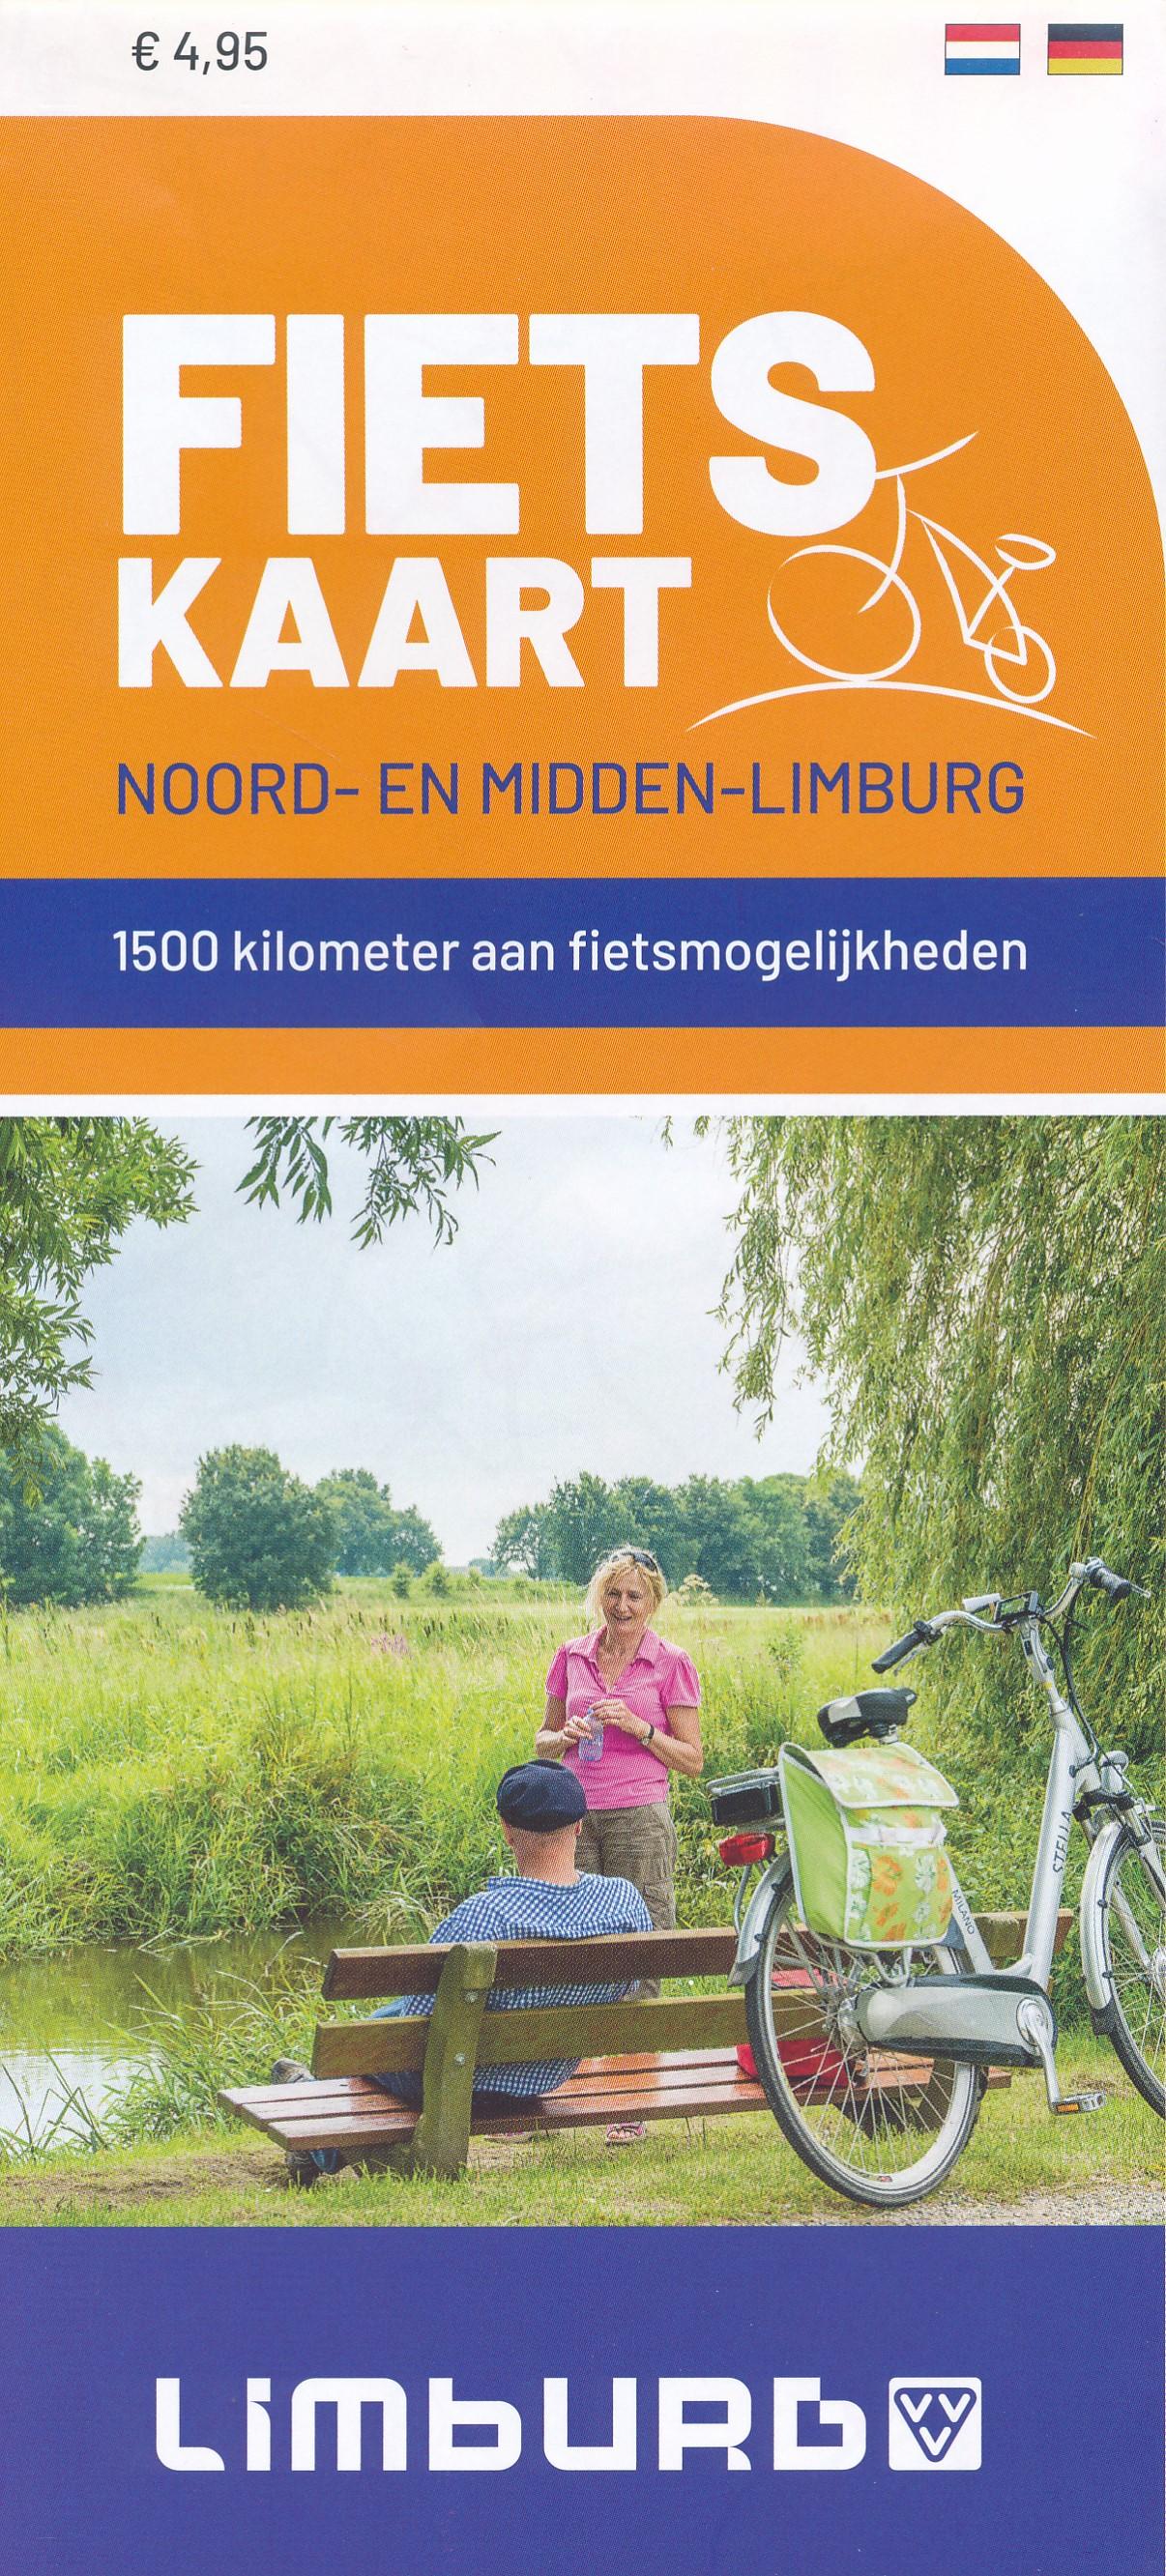 Fietskaart Noord en Midden Limburg met knooppunten | Limburg Marketing de zwerver